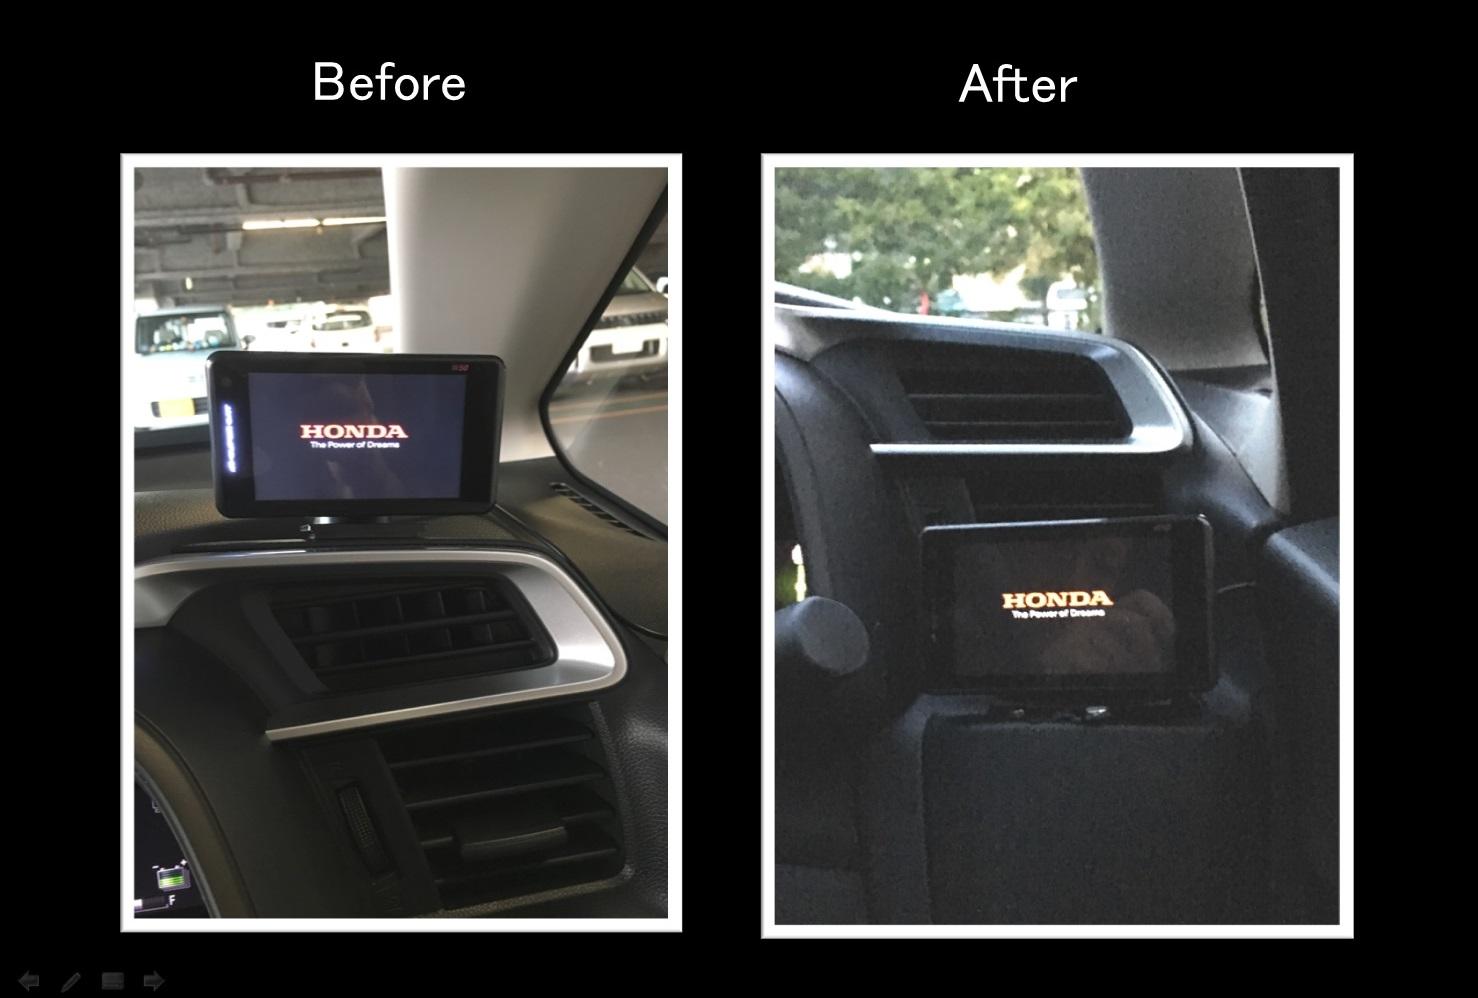 レーダー探知機の起動画面変更と取付位置の変更